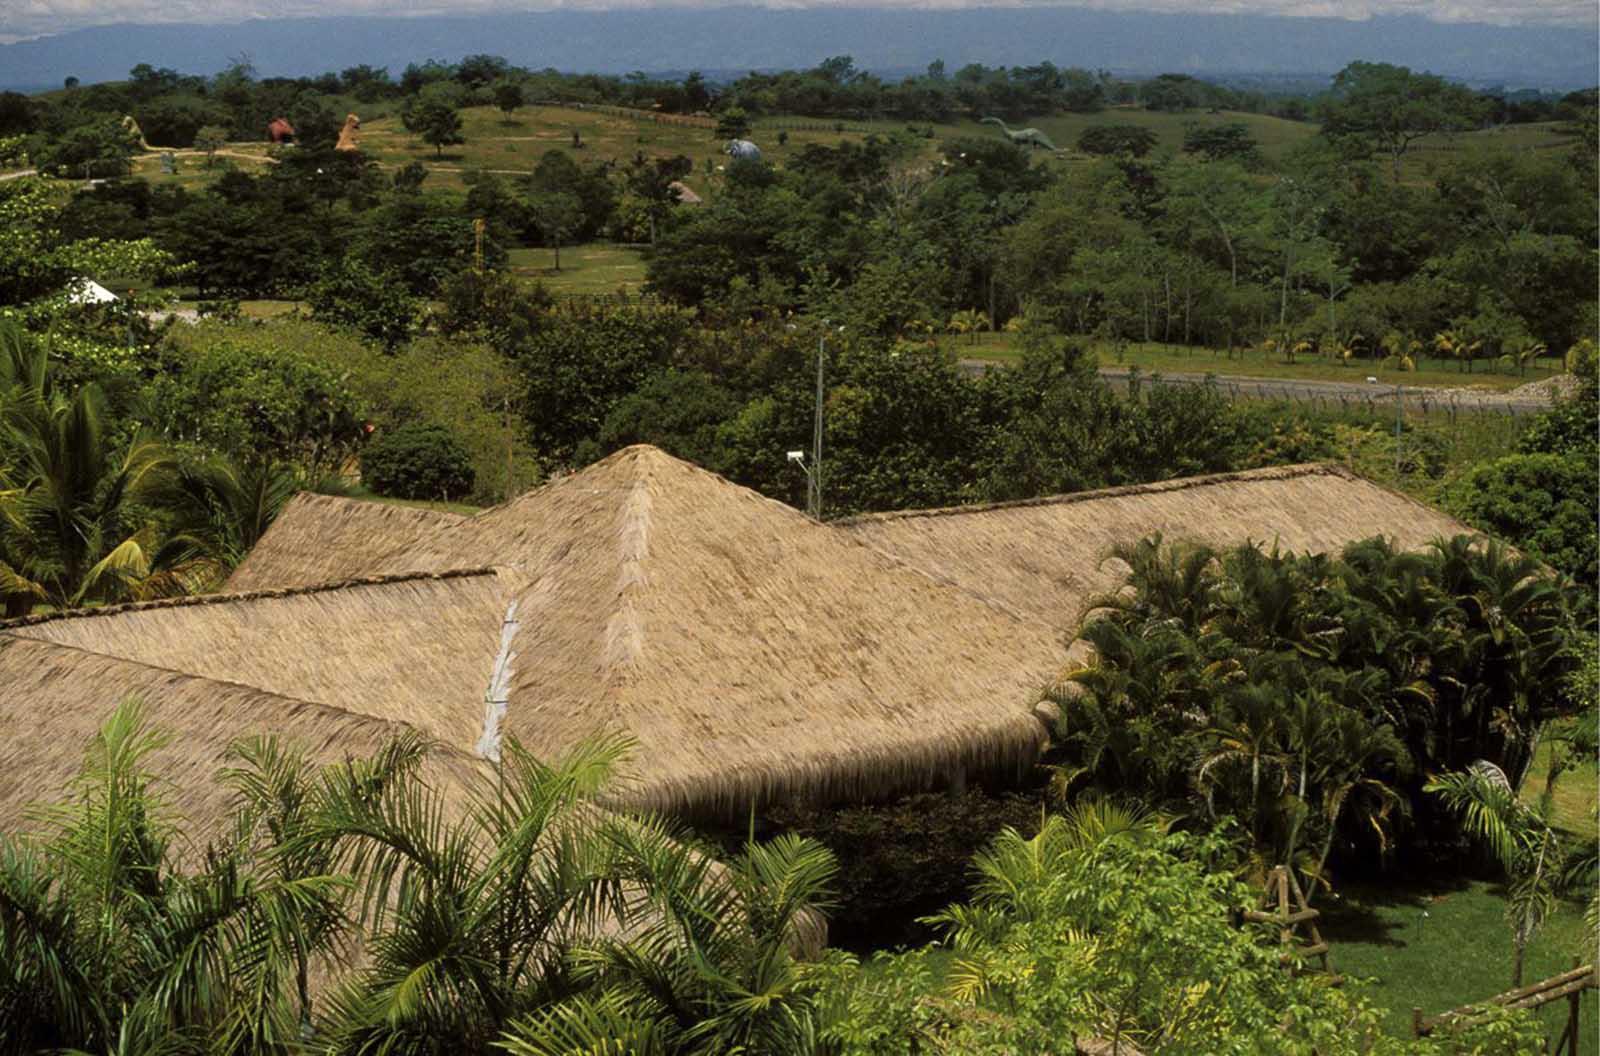 Una porción de los terrenos de la hacienda, con esculturas de dinosaurios visibles en la distancia.